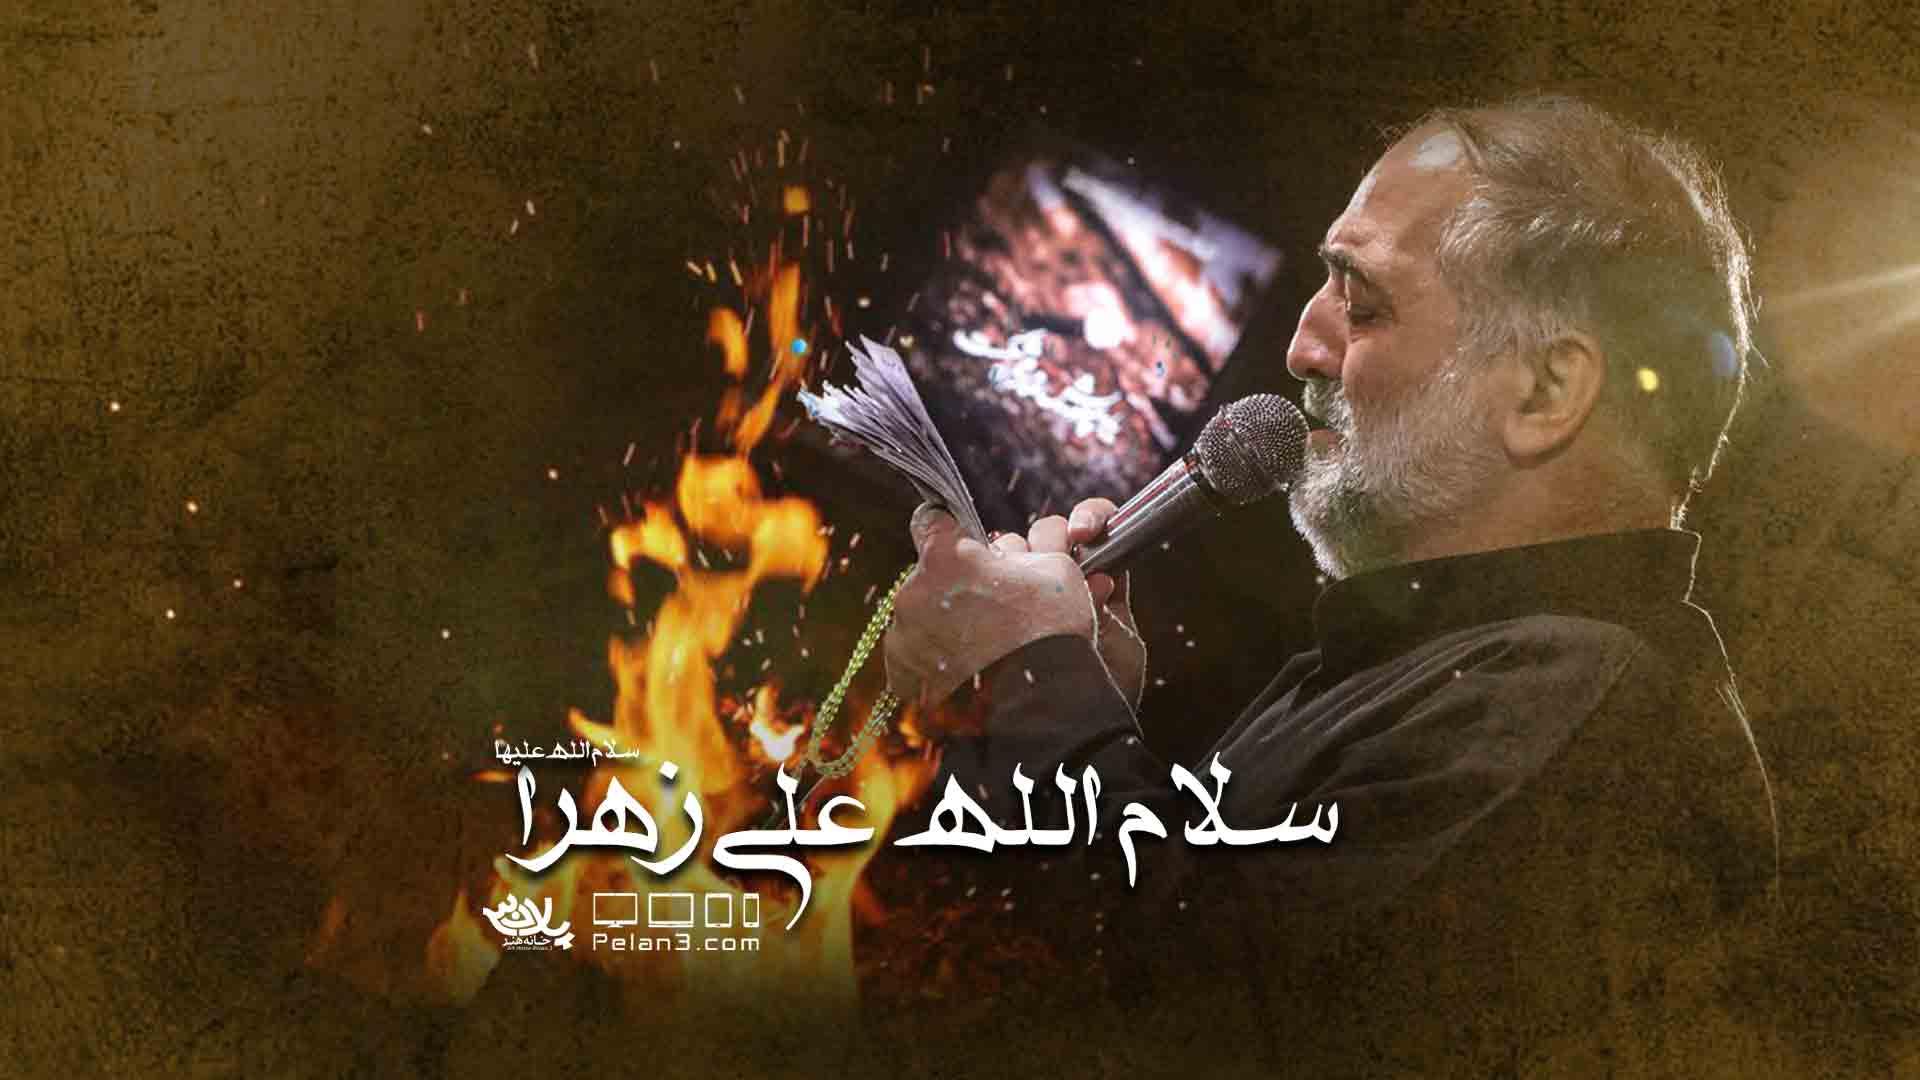 سلام الله علی الزهرا نریمان پناهی